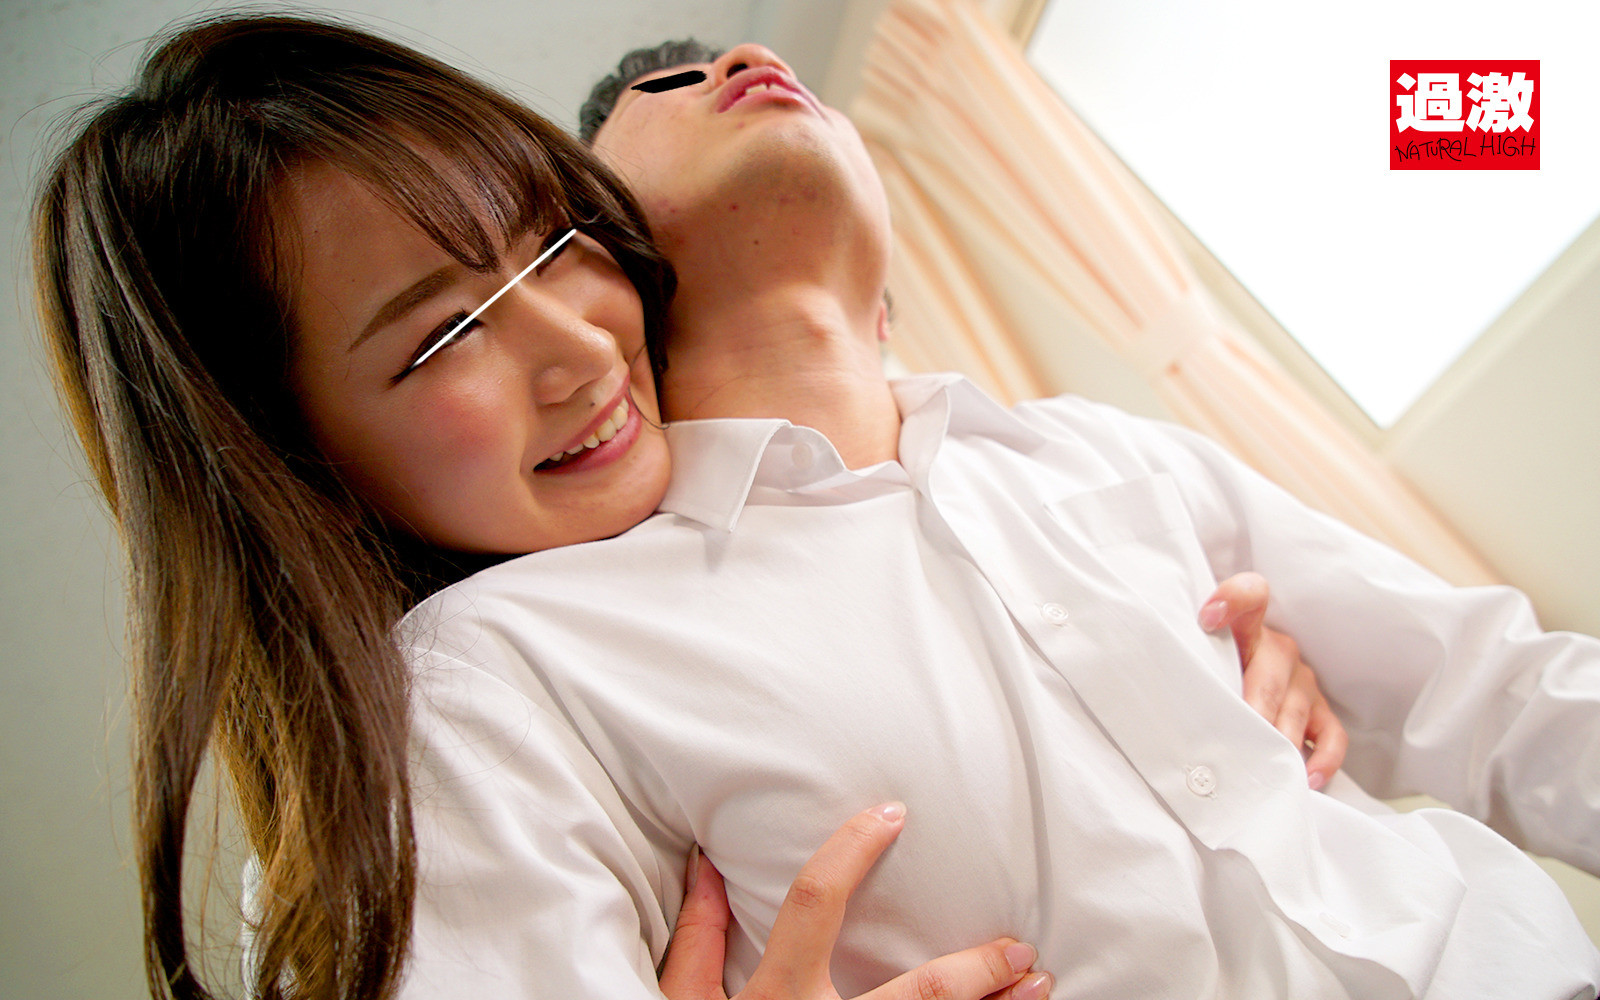 背後から乳首をいじられ勃起したら唾液ぐちゅぐちゅ手コキで射精しても終わらず即チクパコ 画像1